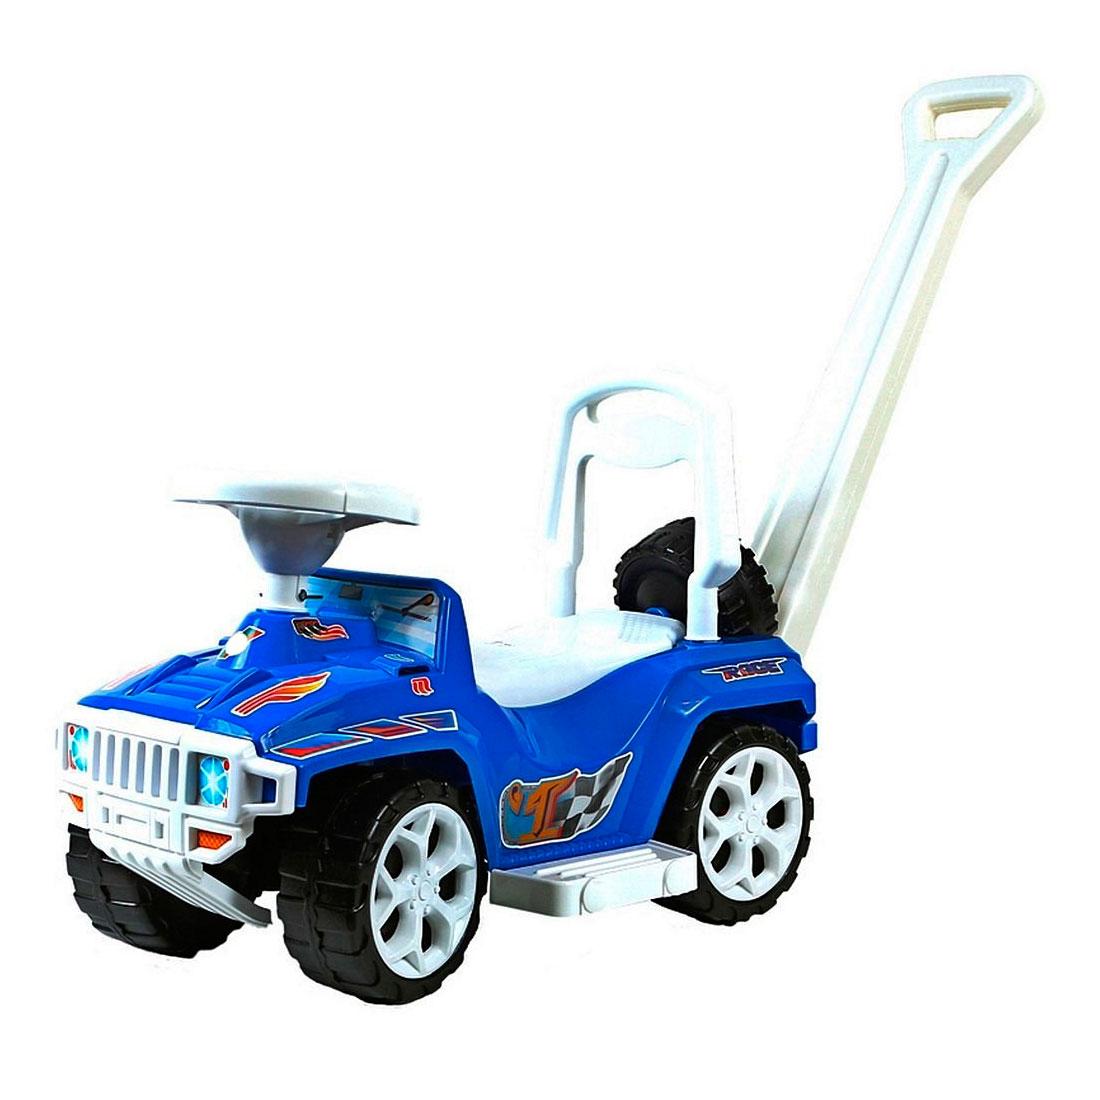 Каталка RT Race Mini ОР856 Formula 1 Синяя